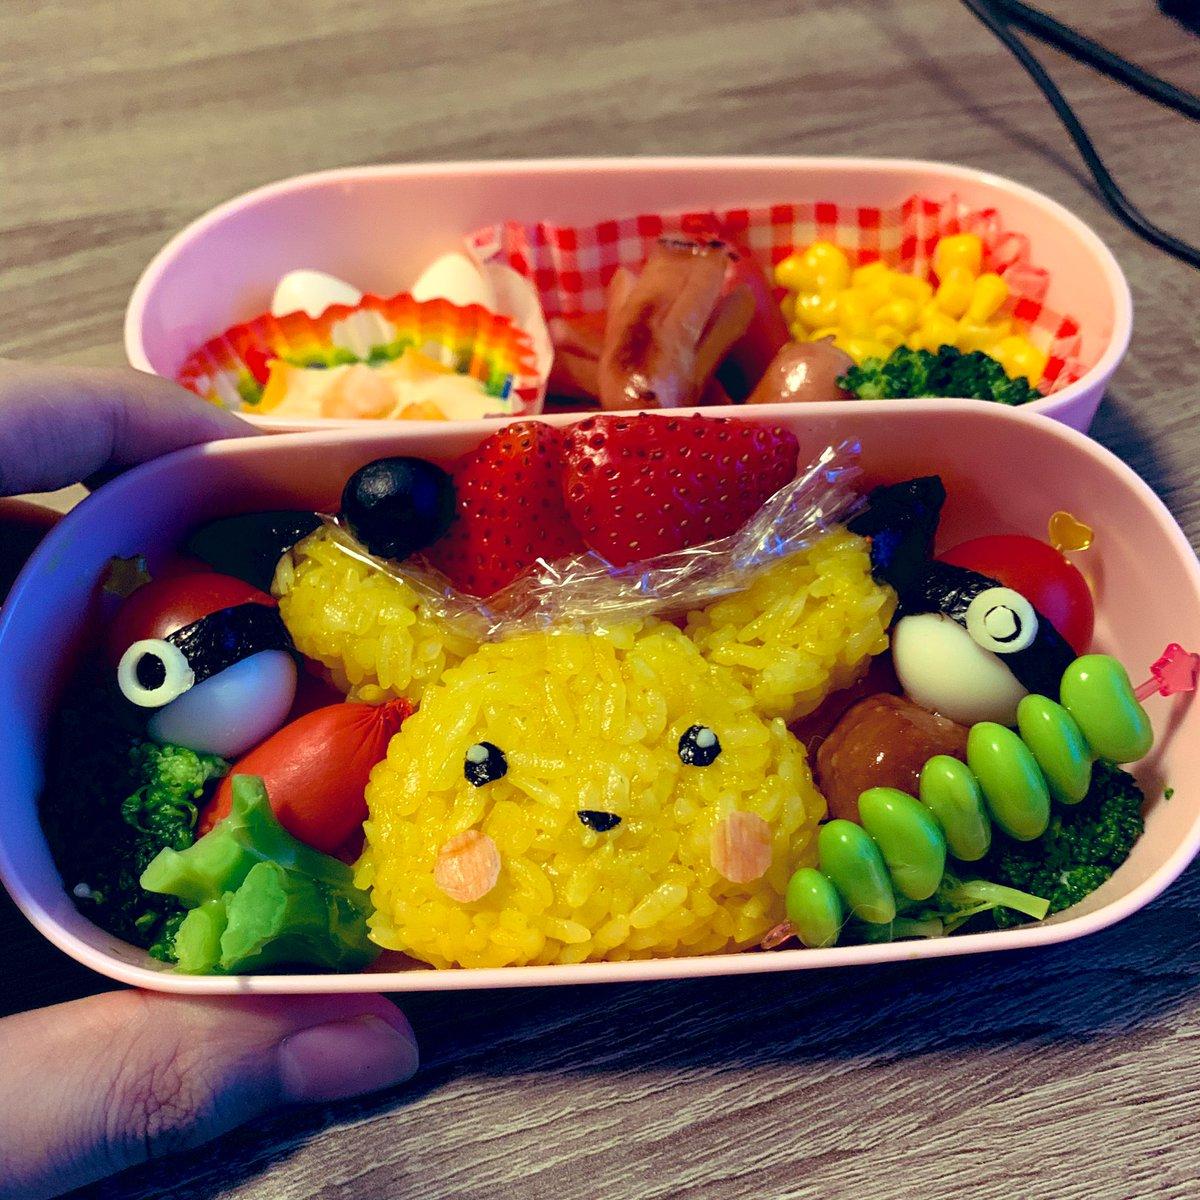 ポケモンのピカチュウのお弁当作りました!!#ピカチュウと繋がりたい